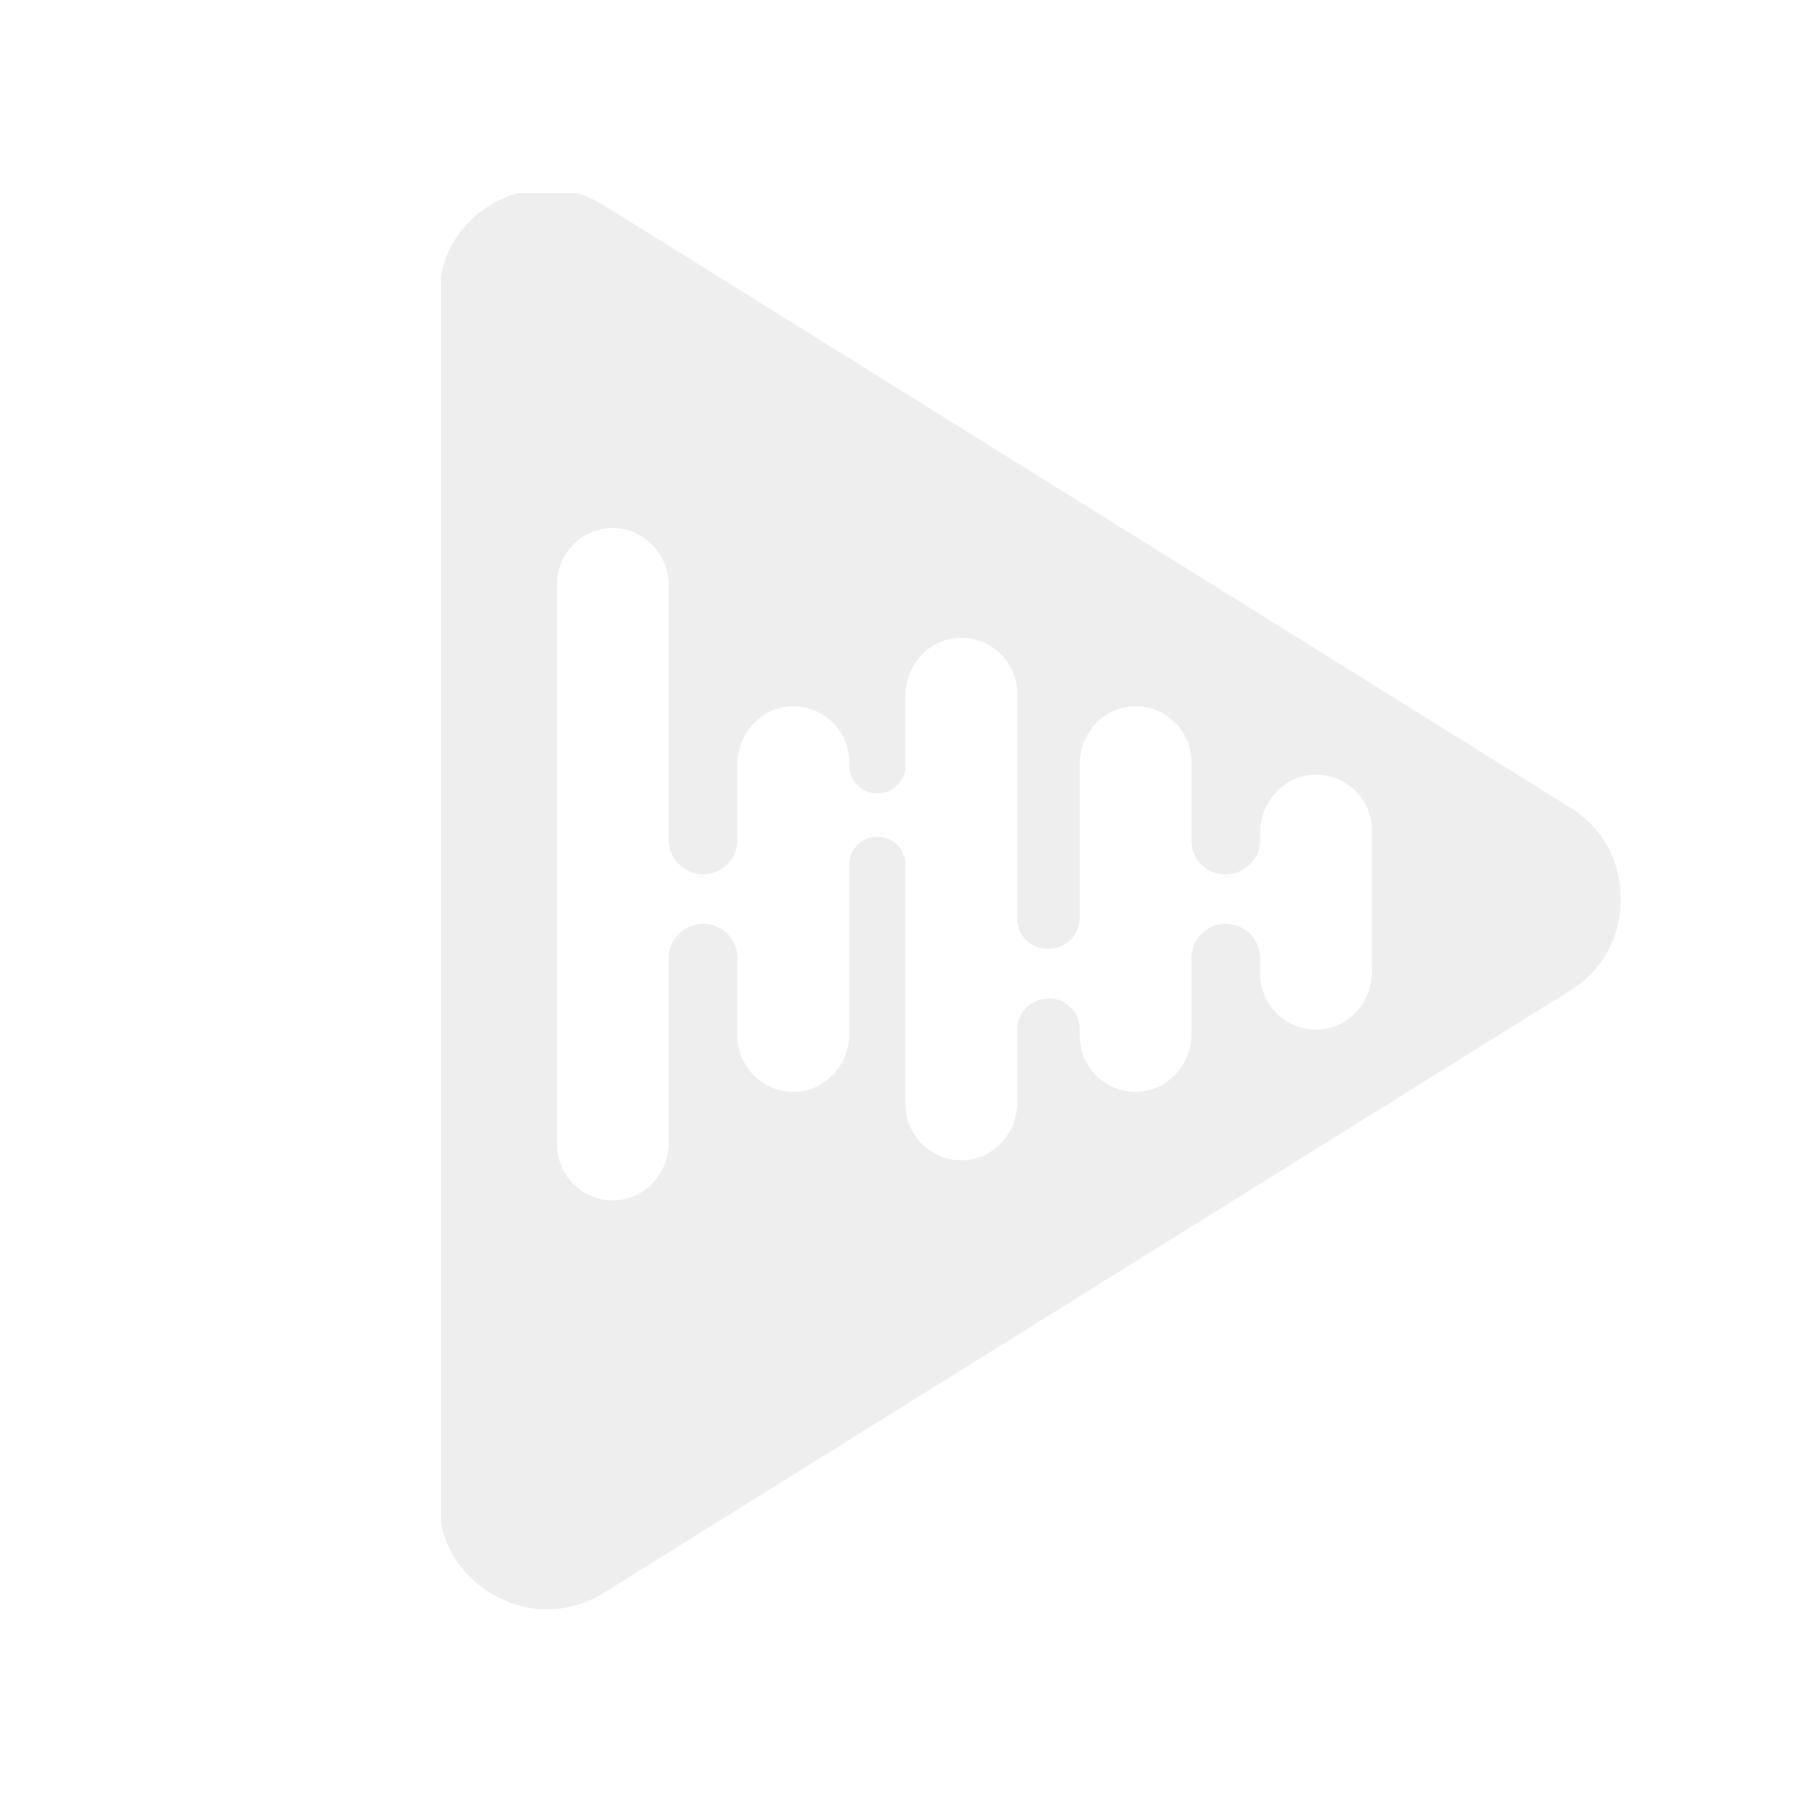 PSB Imagine T3 - Gulvhøyttalere, sort pianolakk (Par)